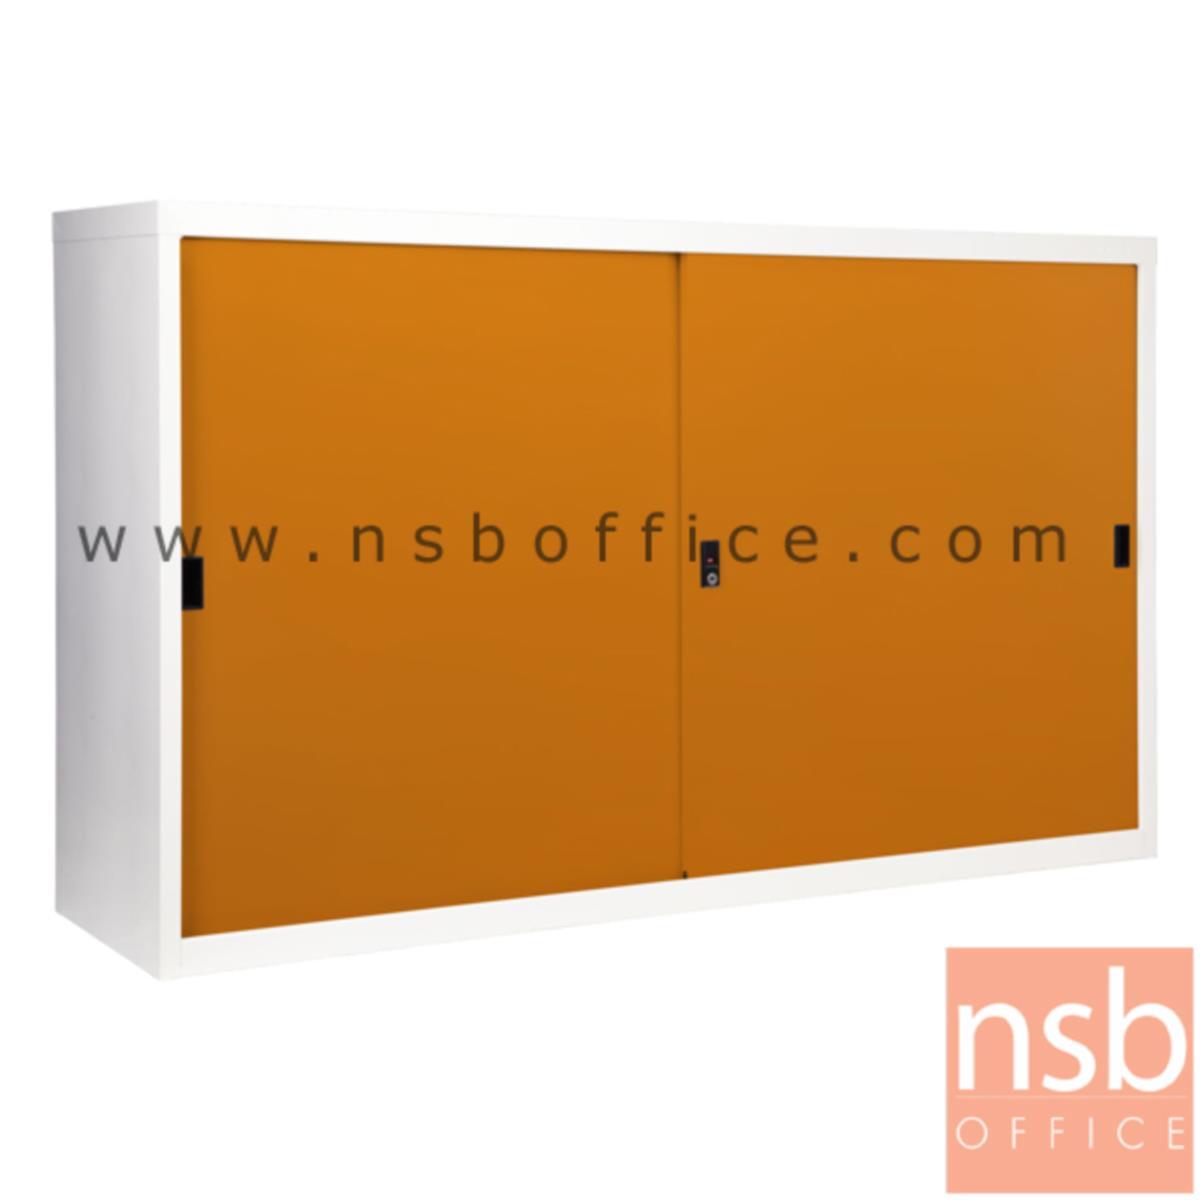 ตู้บานเลื่อนทึบ  3 ฟุต ,4 ฟุต และ 5 ฟุต รุ่น SOD-3 ,SOD-4,SOD-5